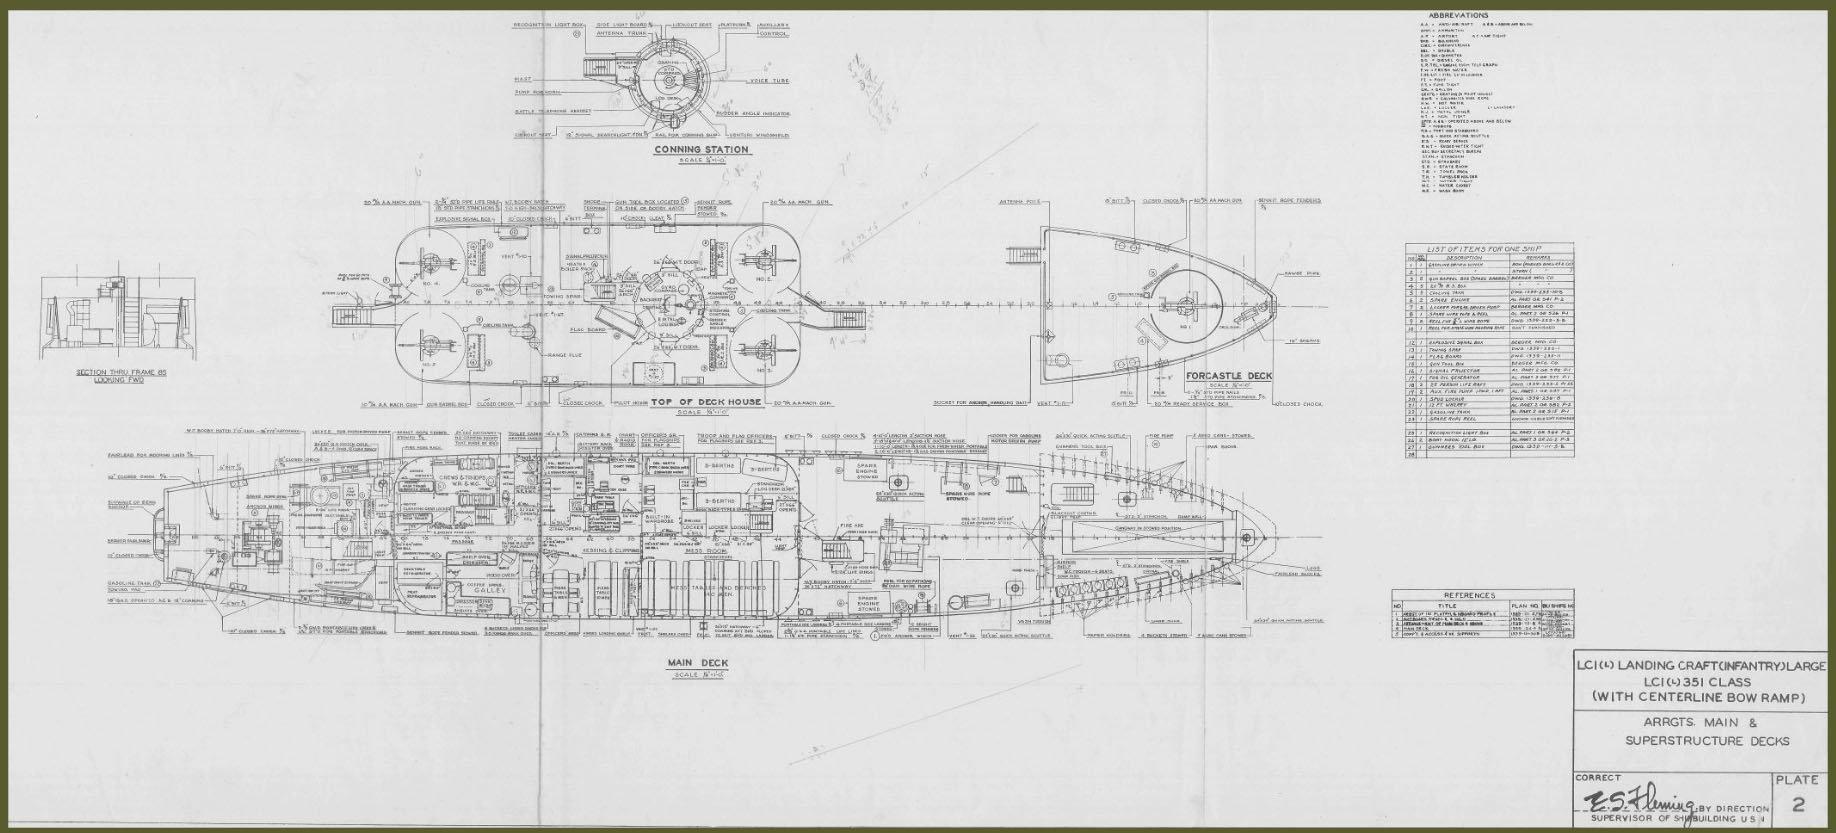 LCI(L)-351-class Landing Craft- Arrgts. Main & Superstructure Decks